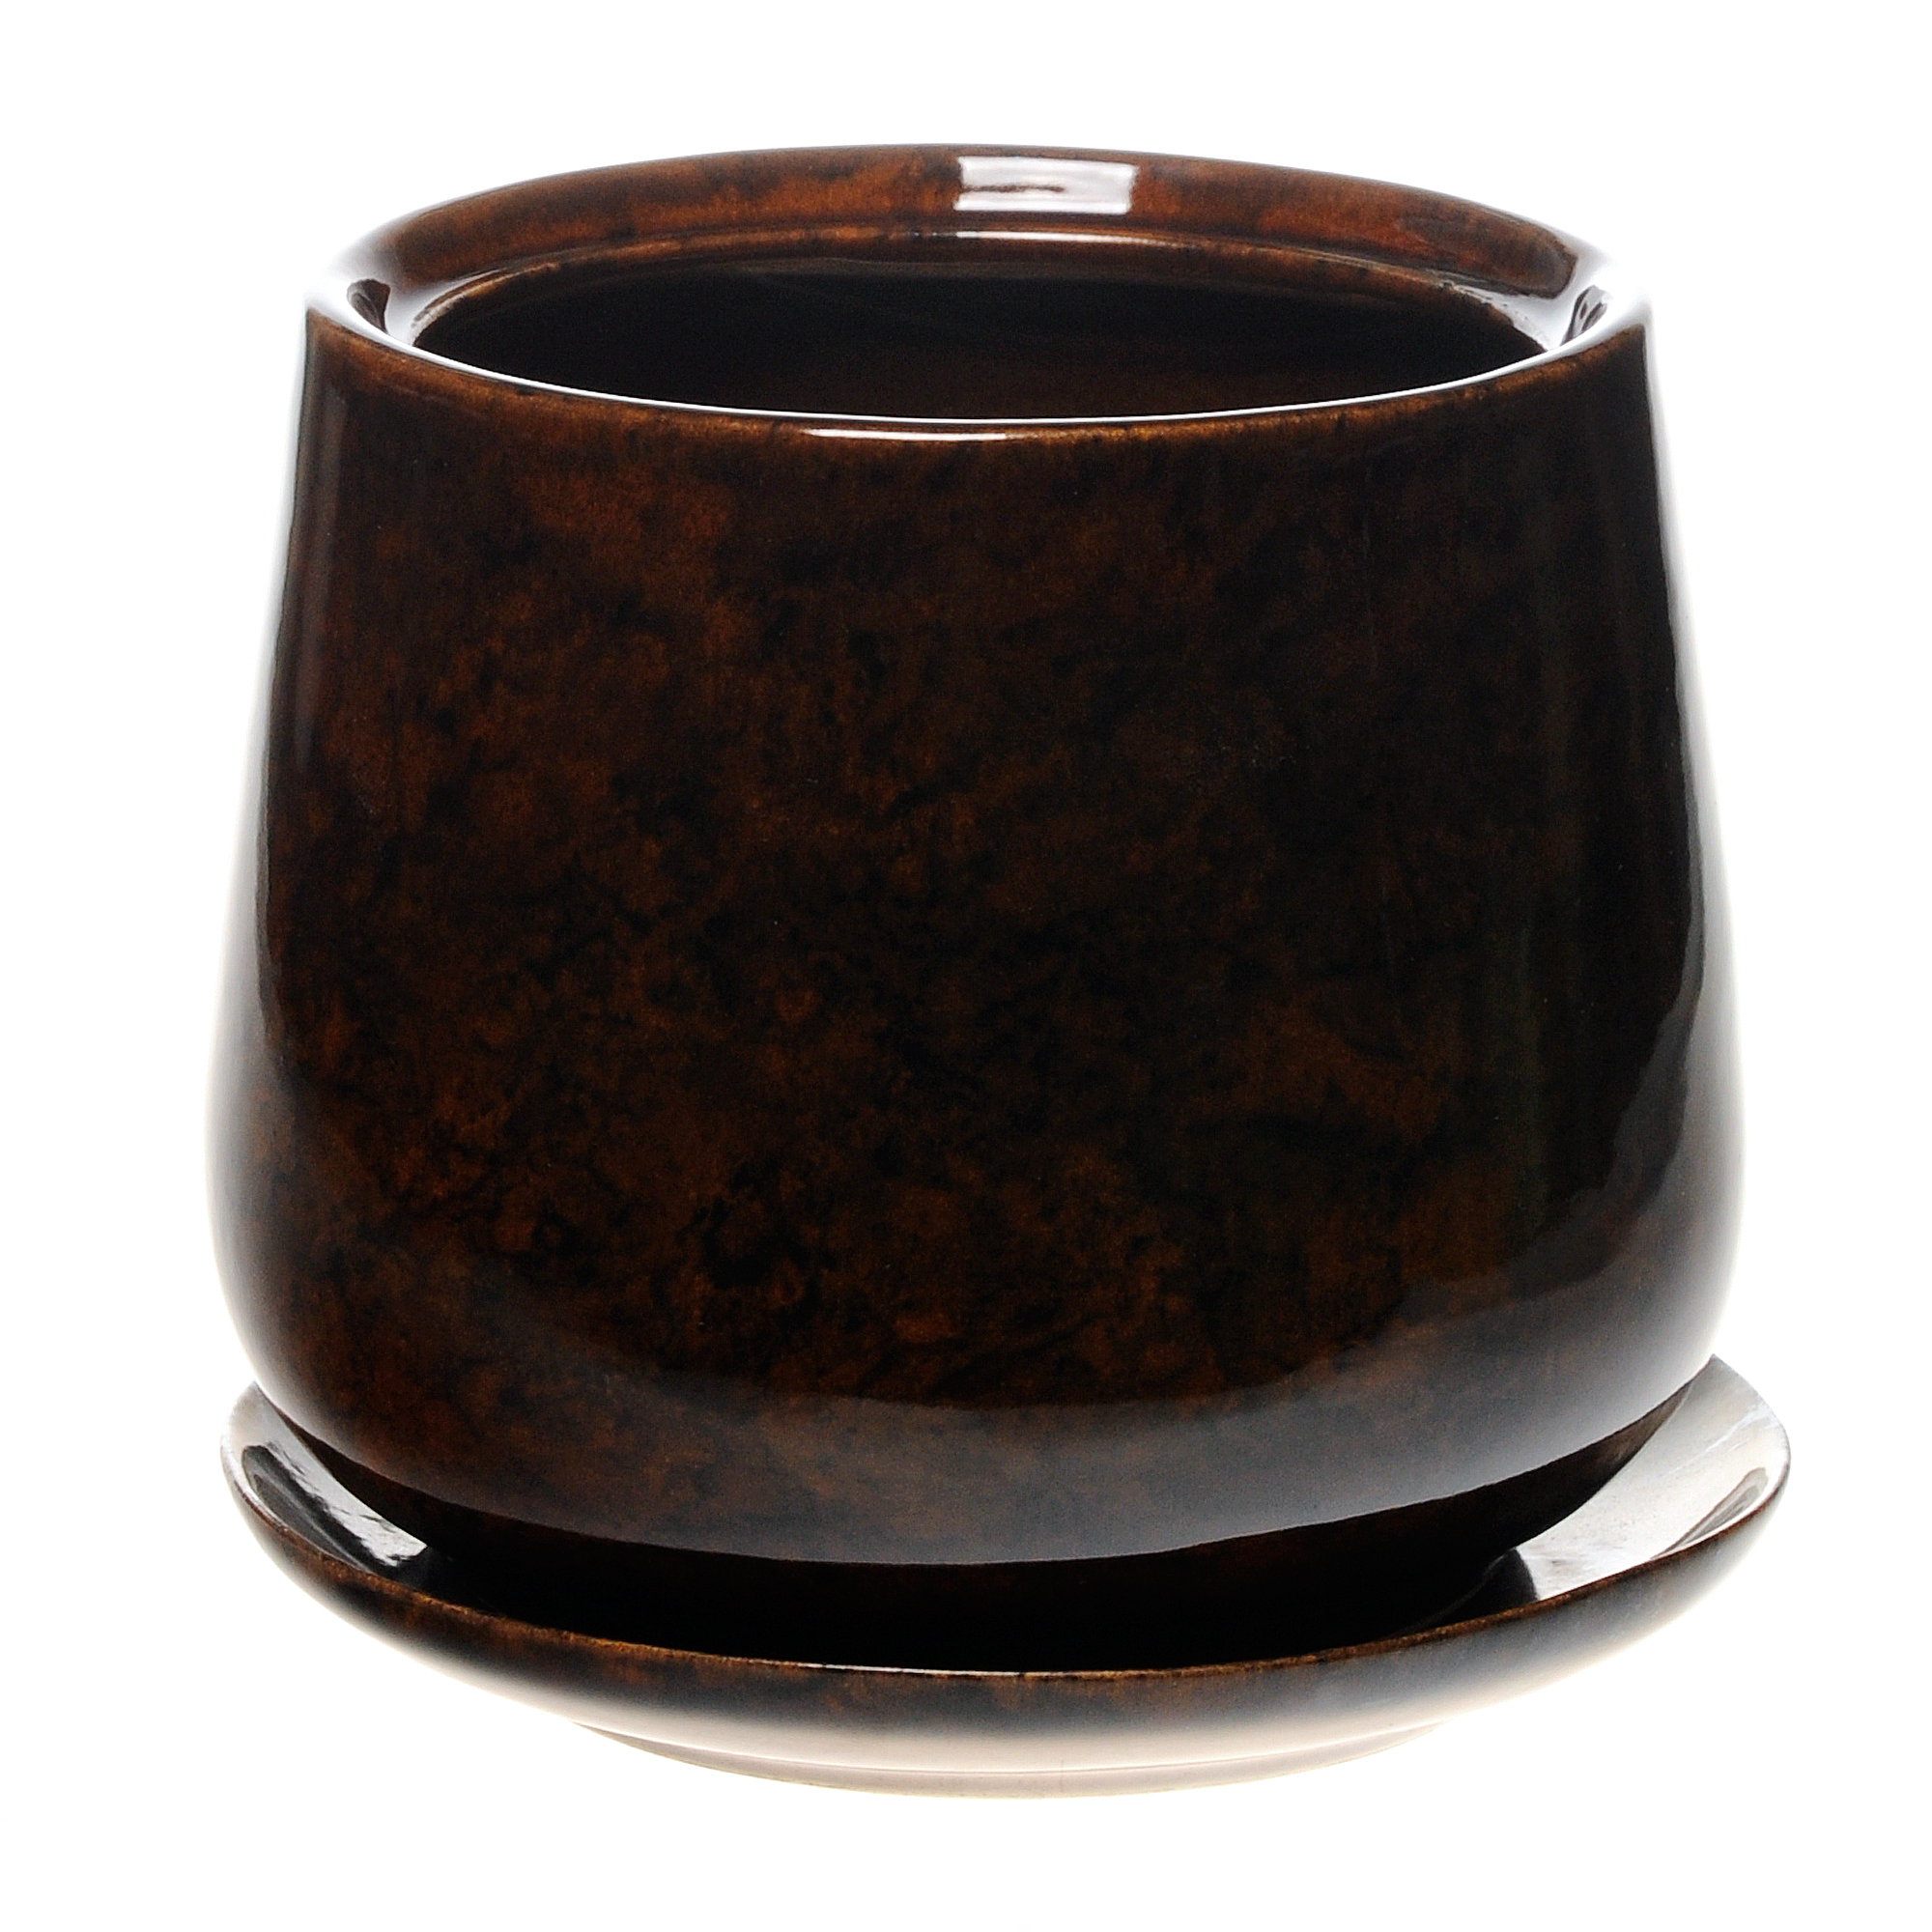 горшок для цветов декоративный Гончар СКАРЛЕТ №3 (коричневый), 13 см